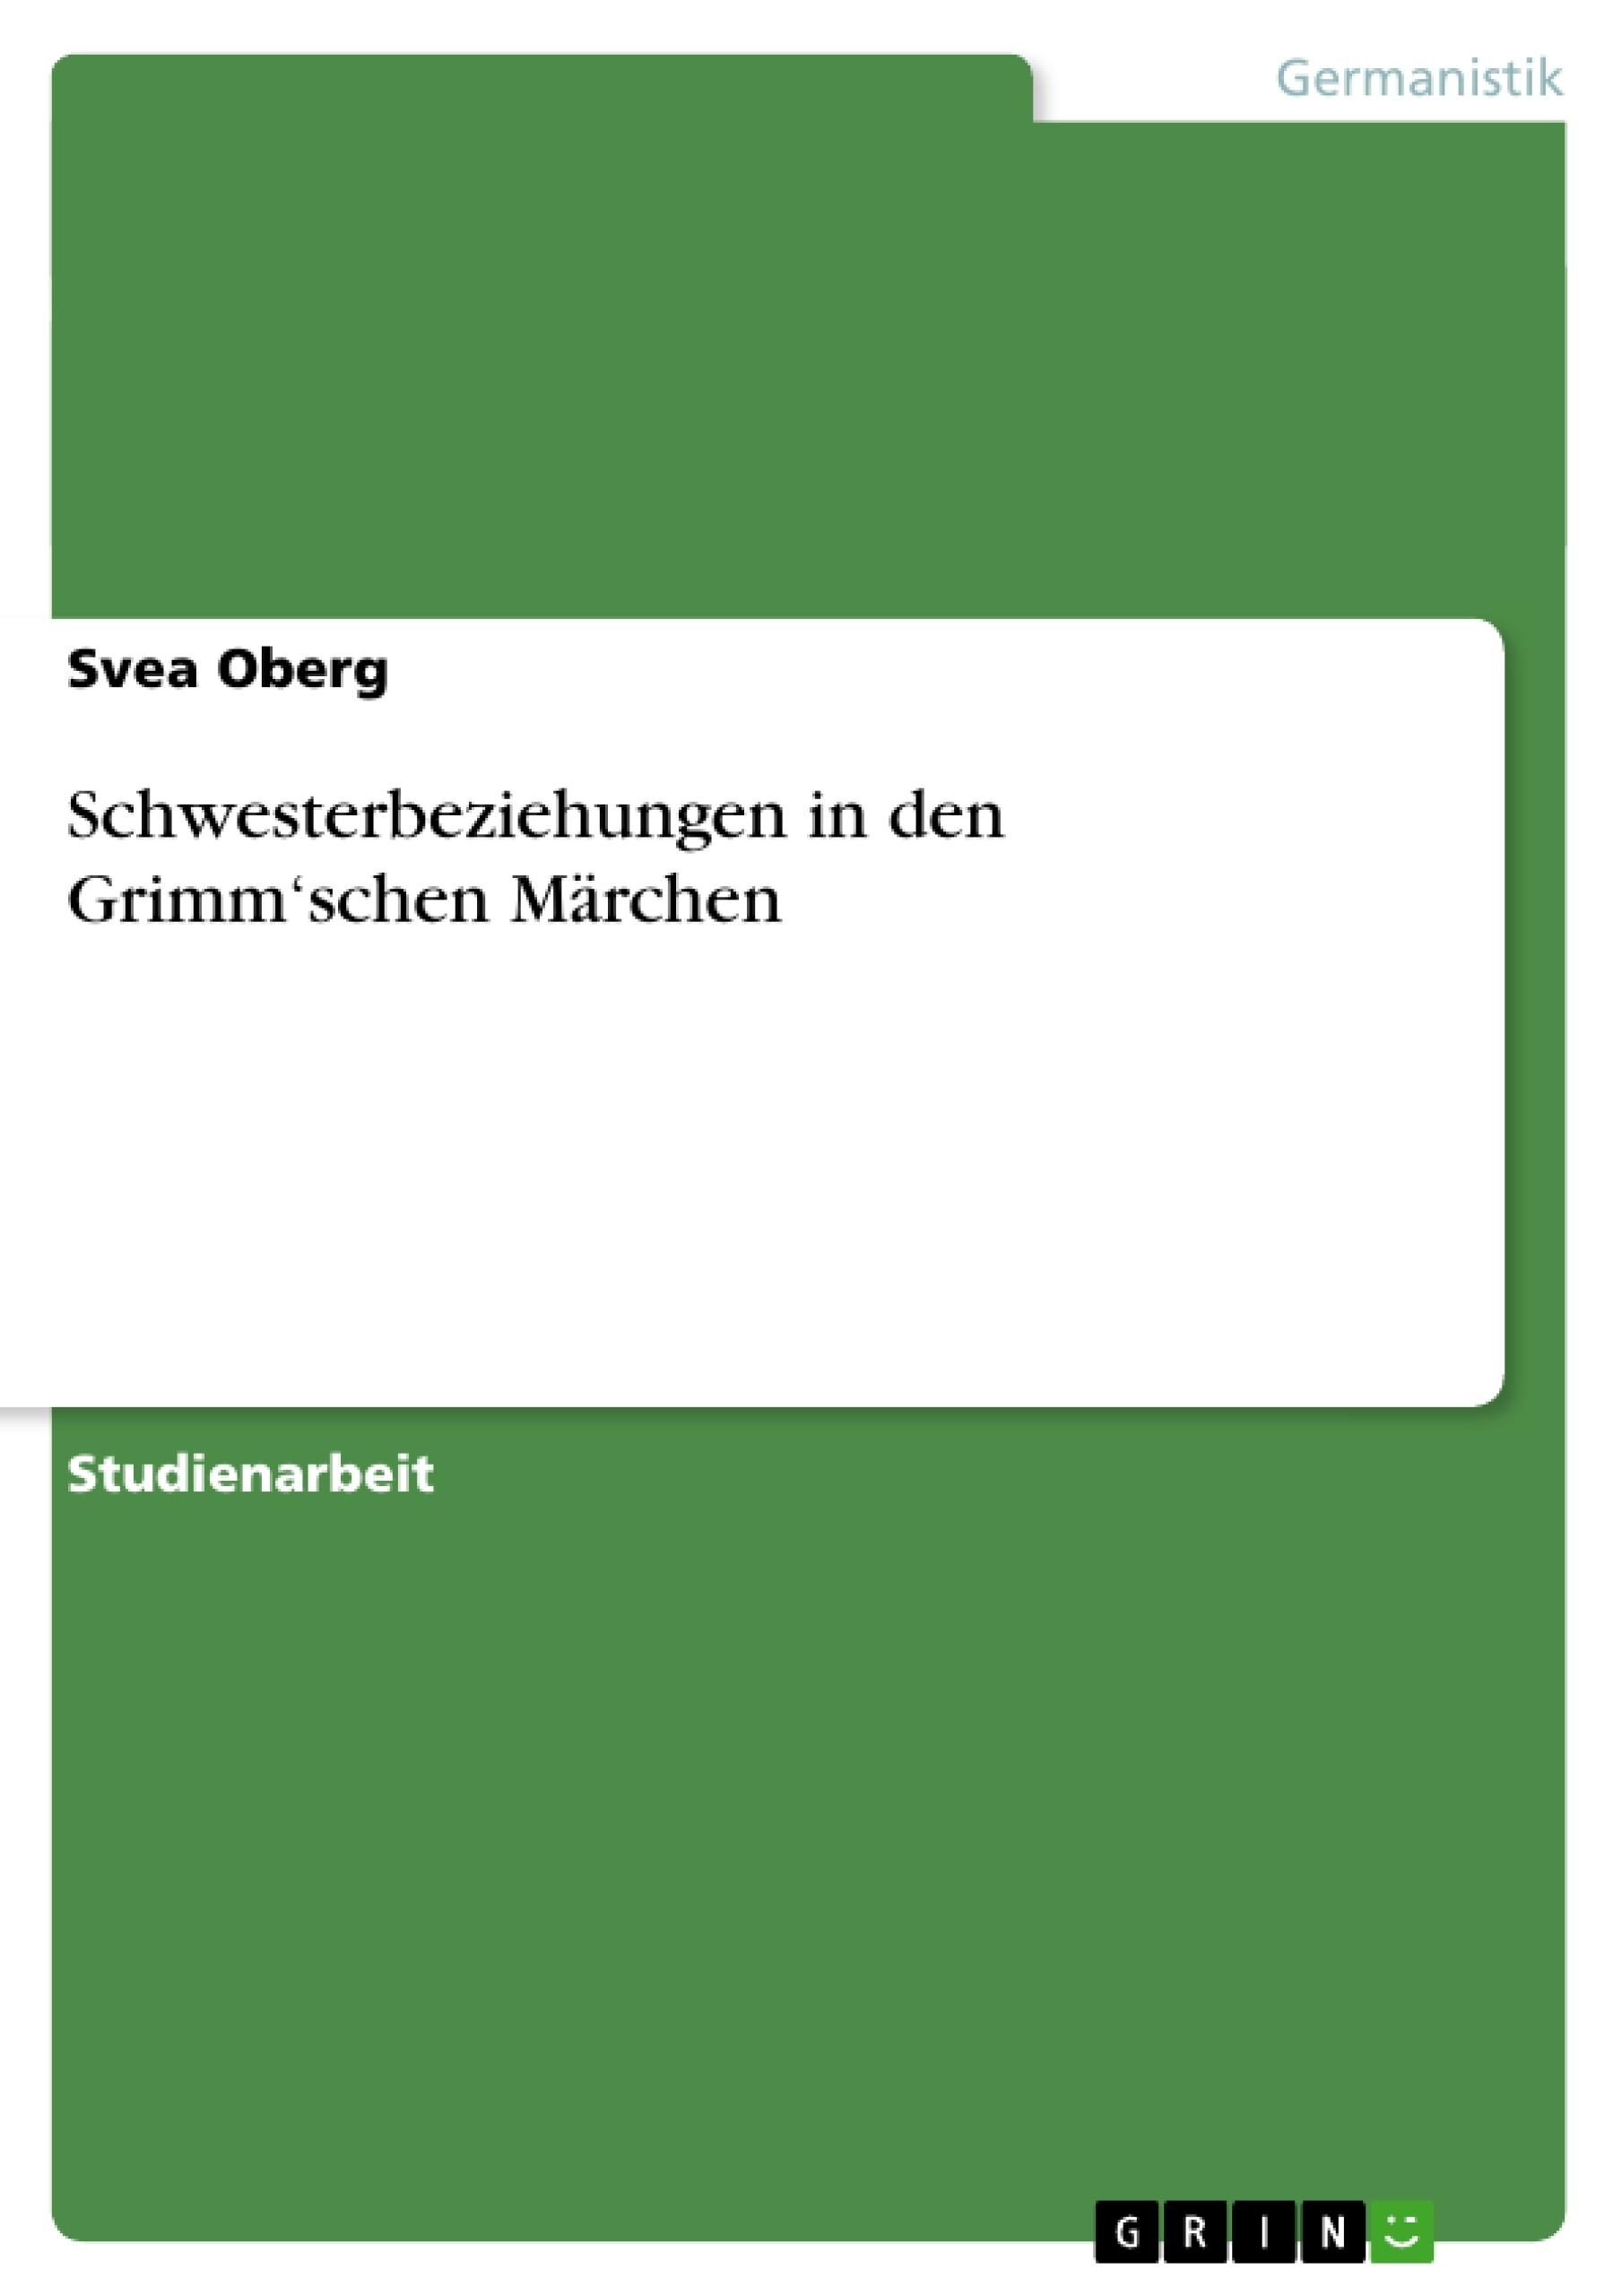 Titel: Schwesterbeziehungen in den Grimm'schen Märchen